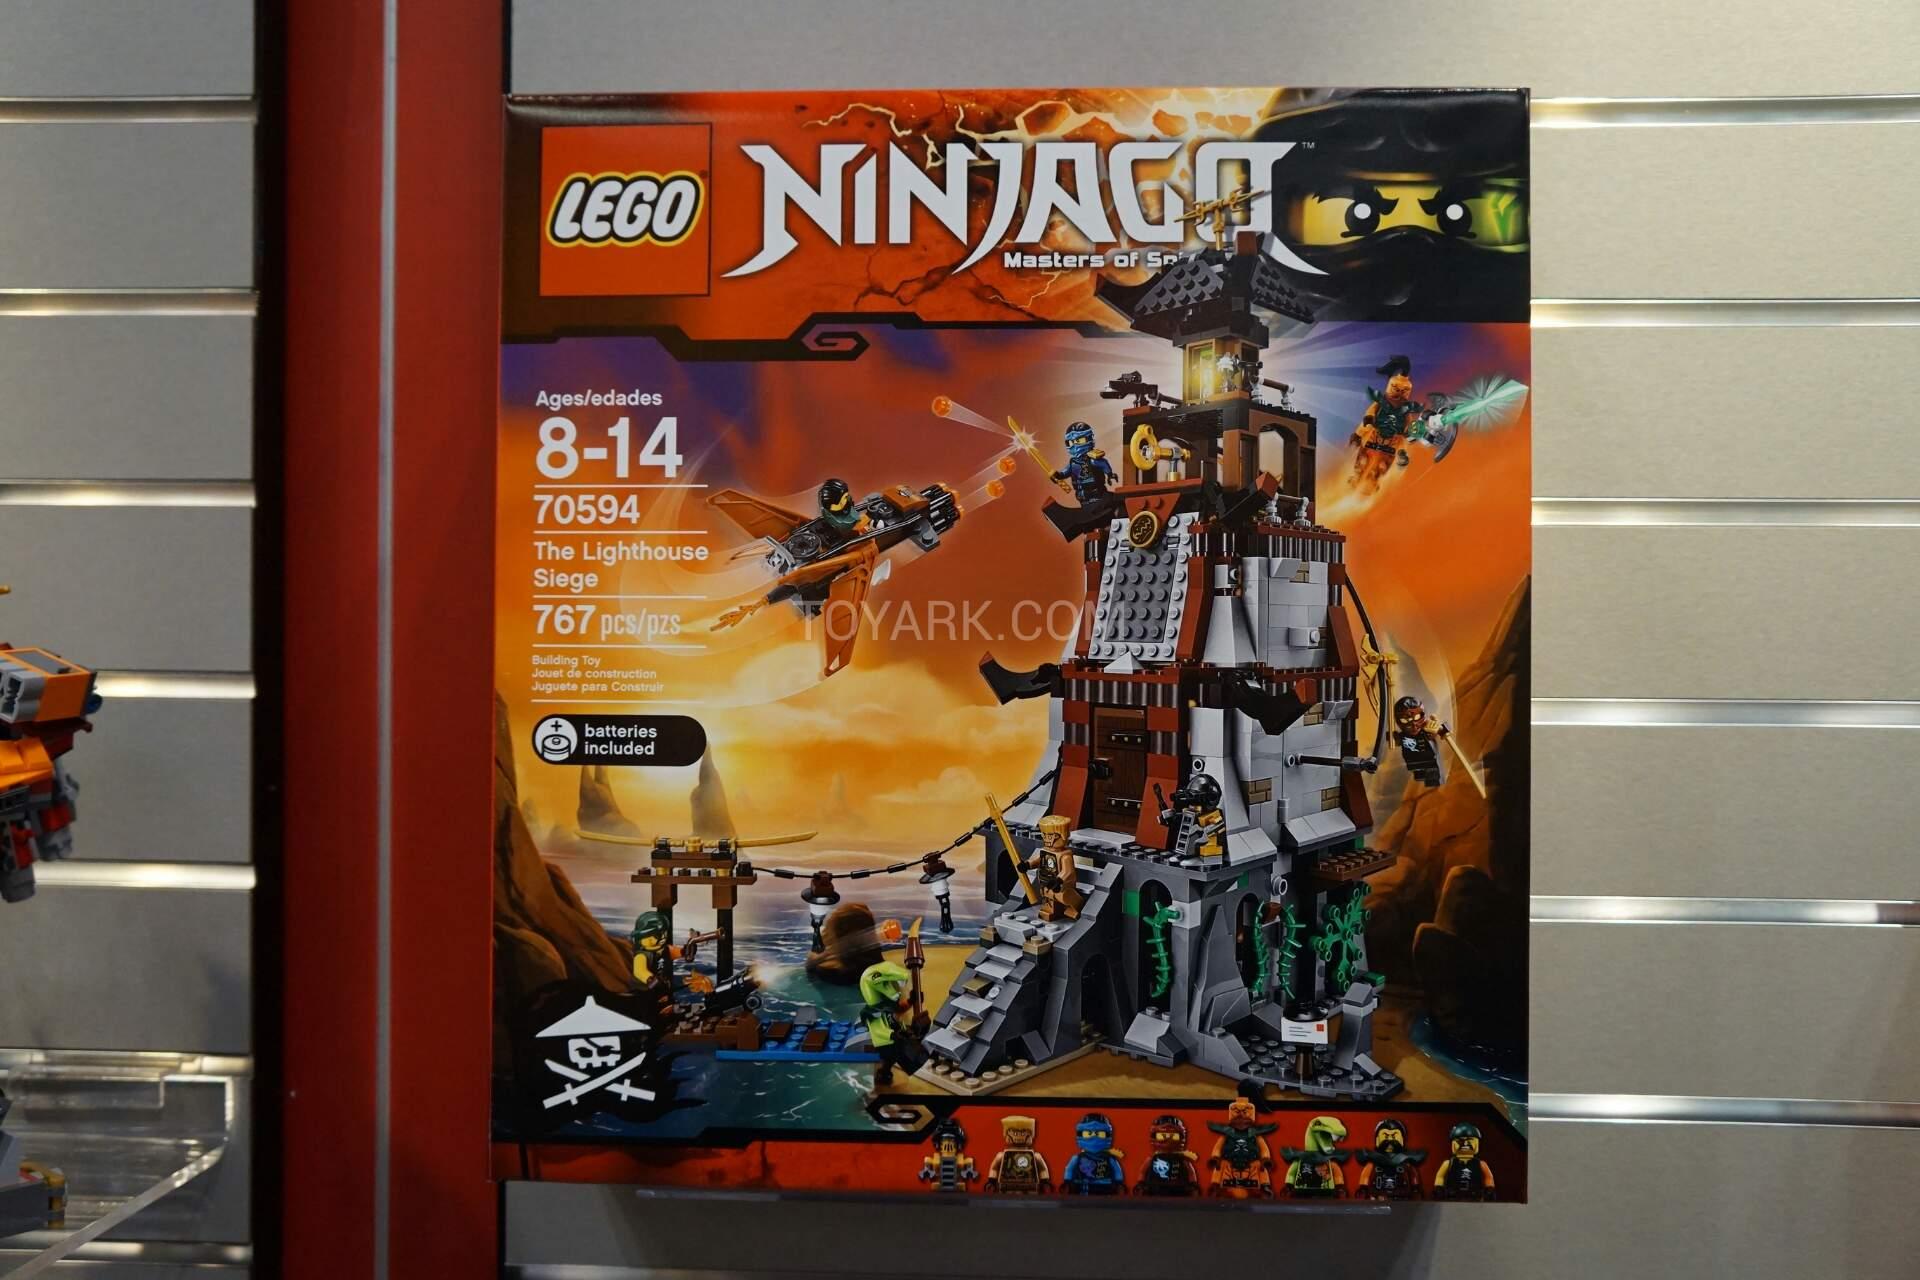 new york toy fair  nouveautés lego ninjago 2016  hellobricks